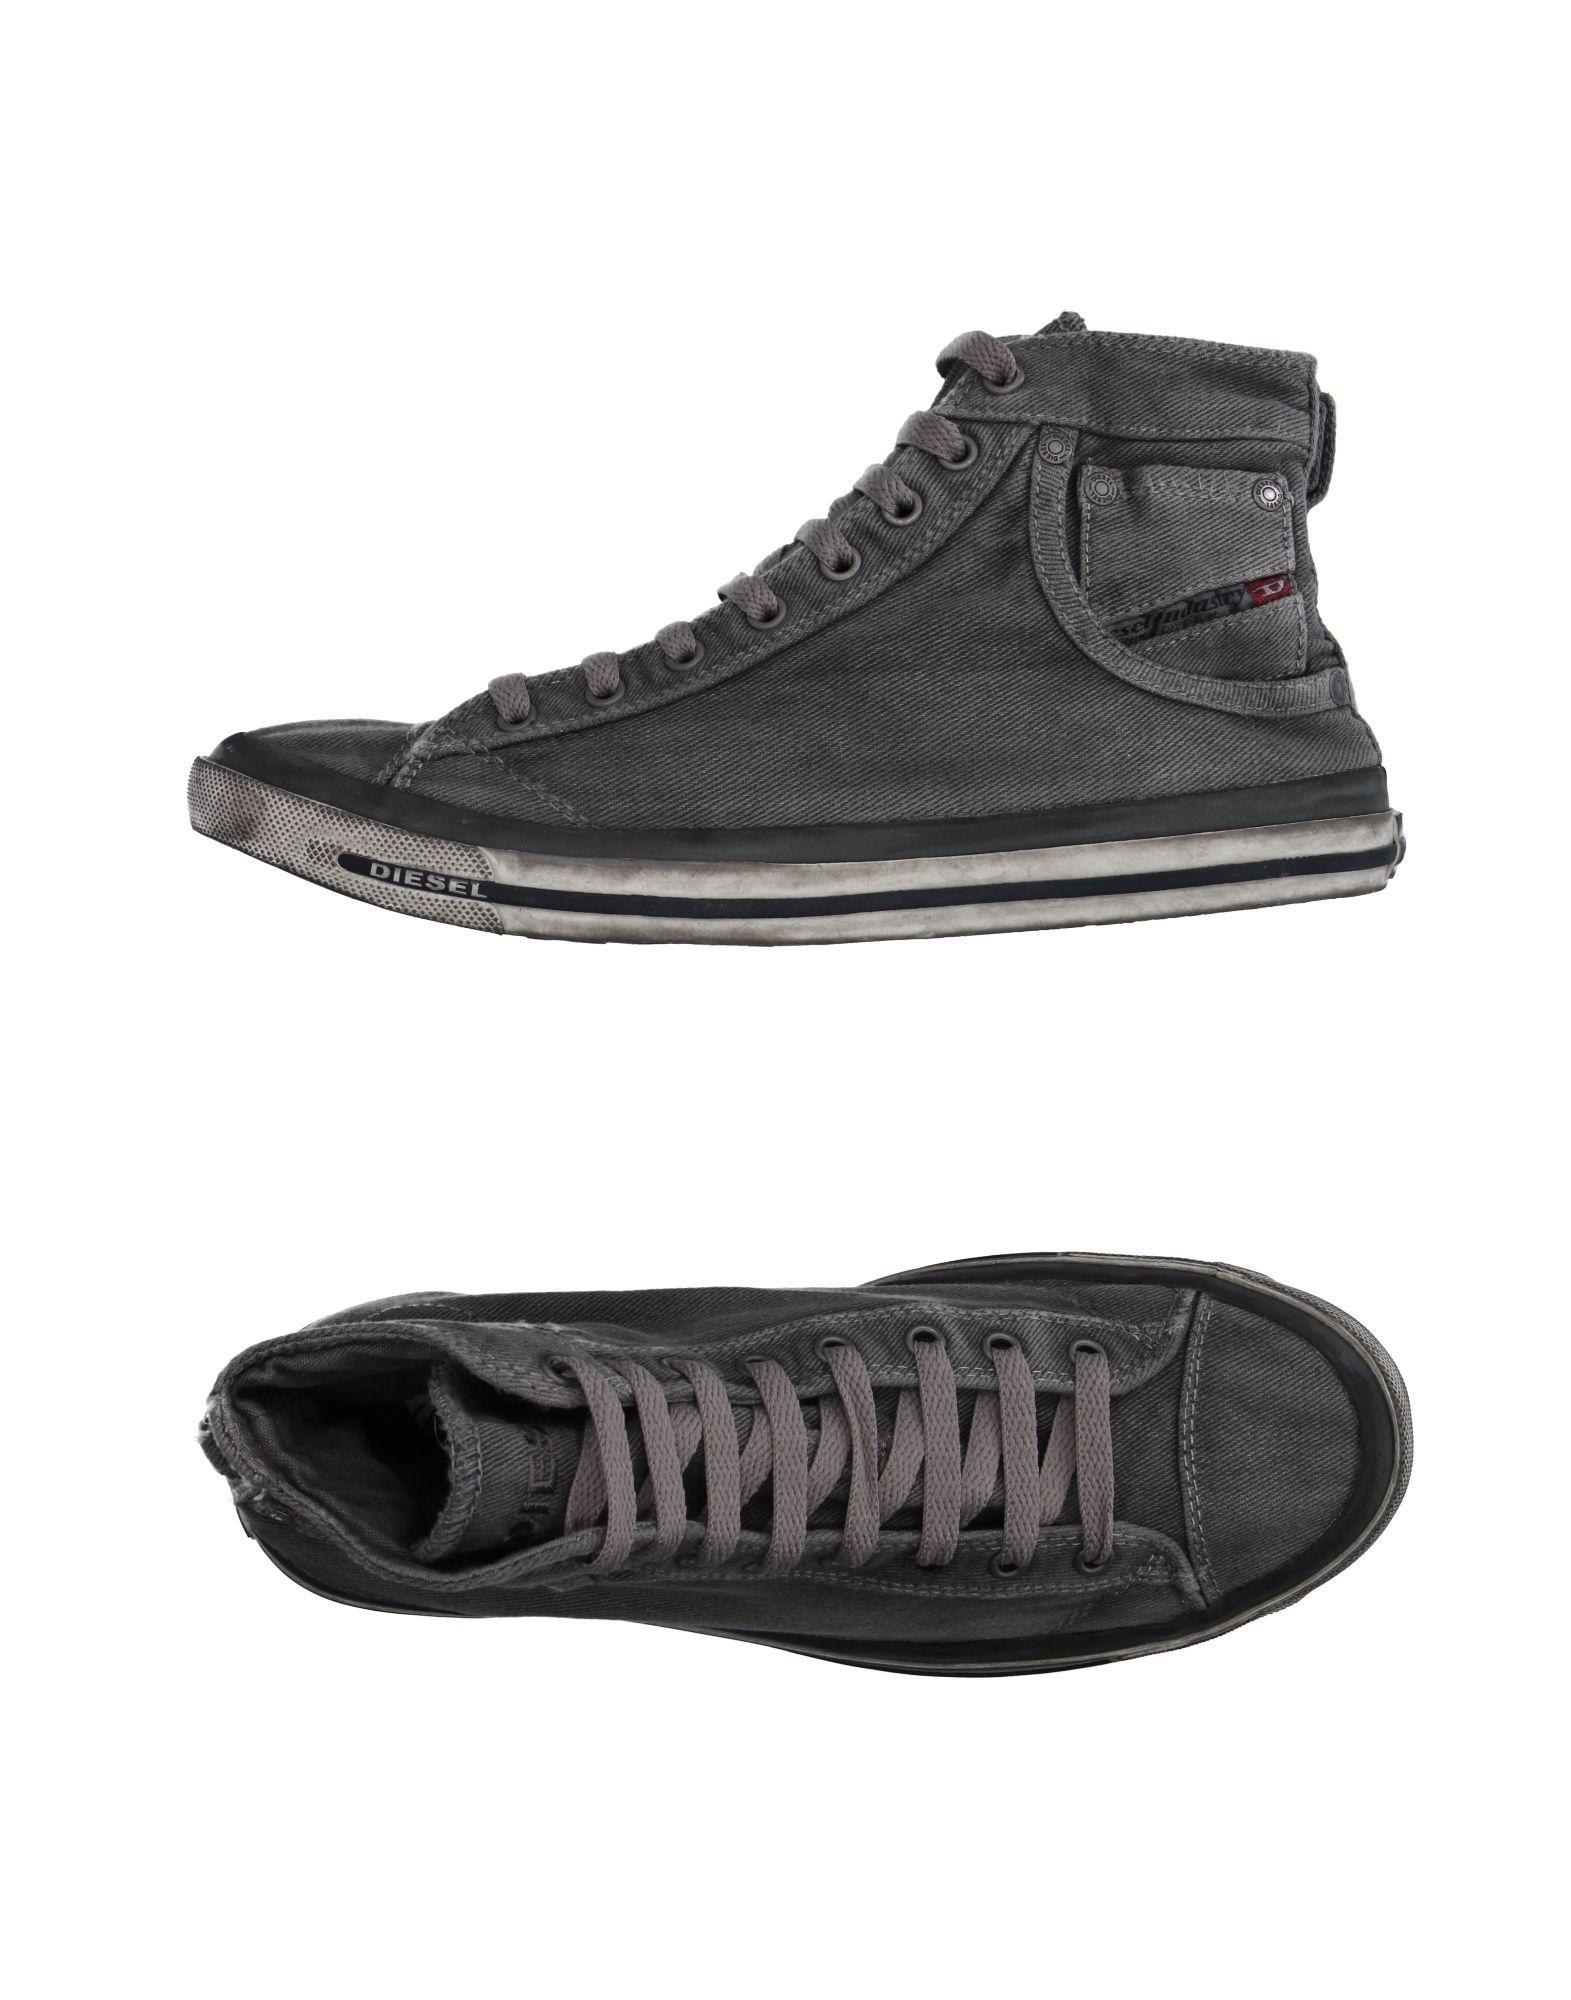 Scarpe economiche e resistenti Sneakers Diesel Uomo - 11151157LW